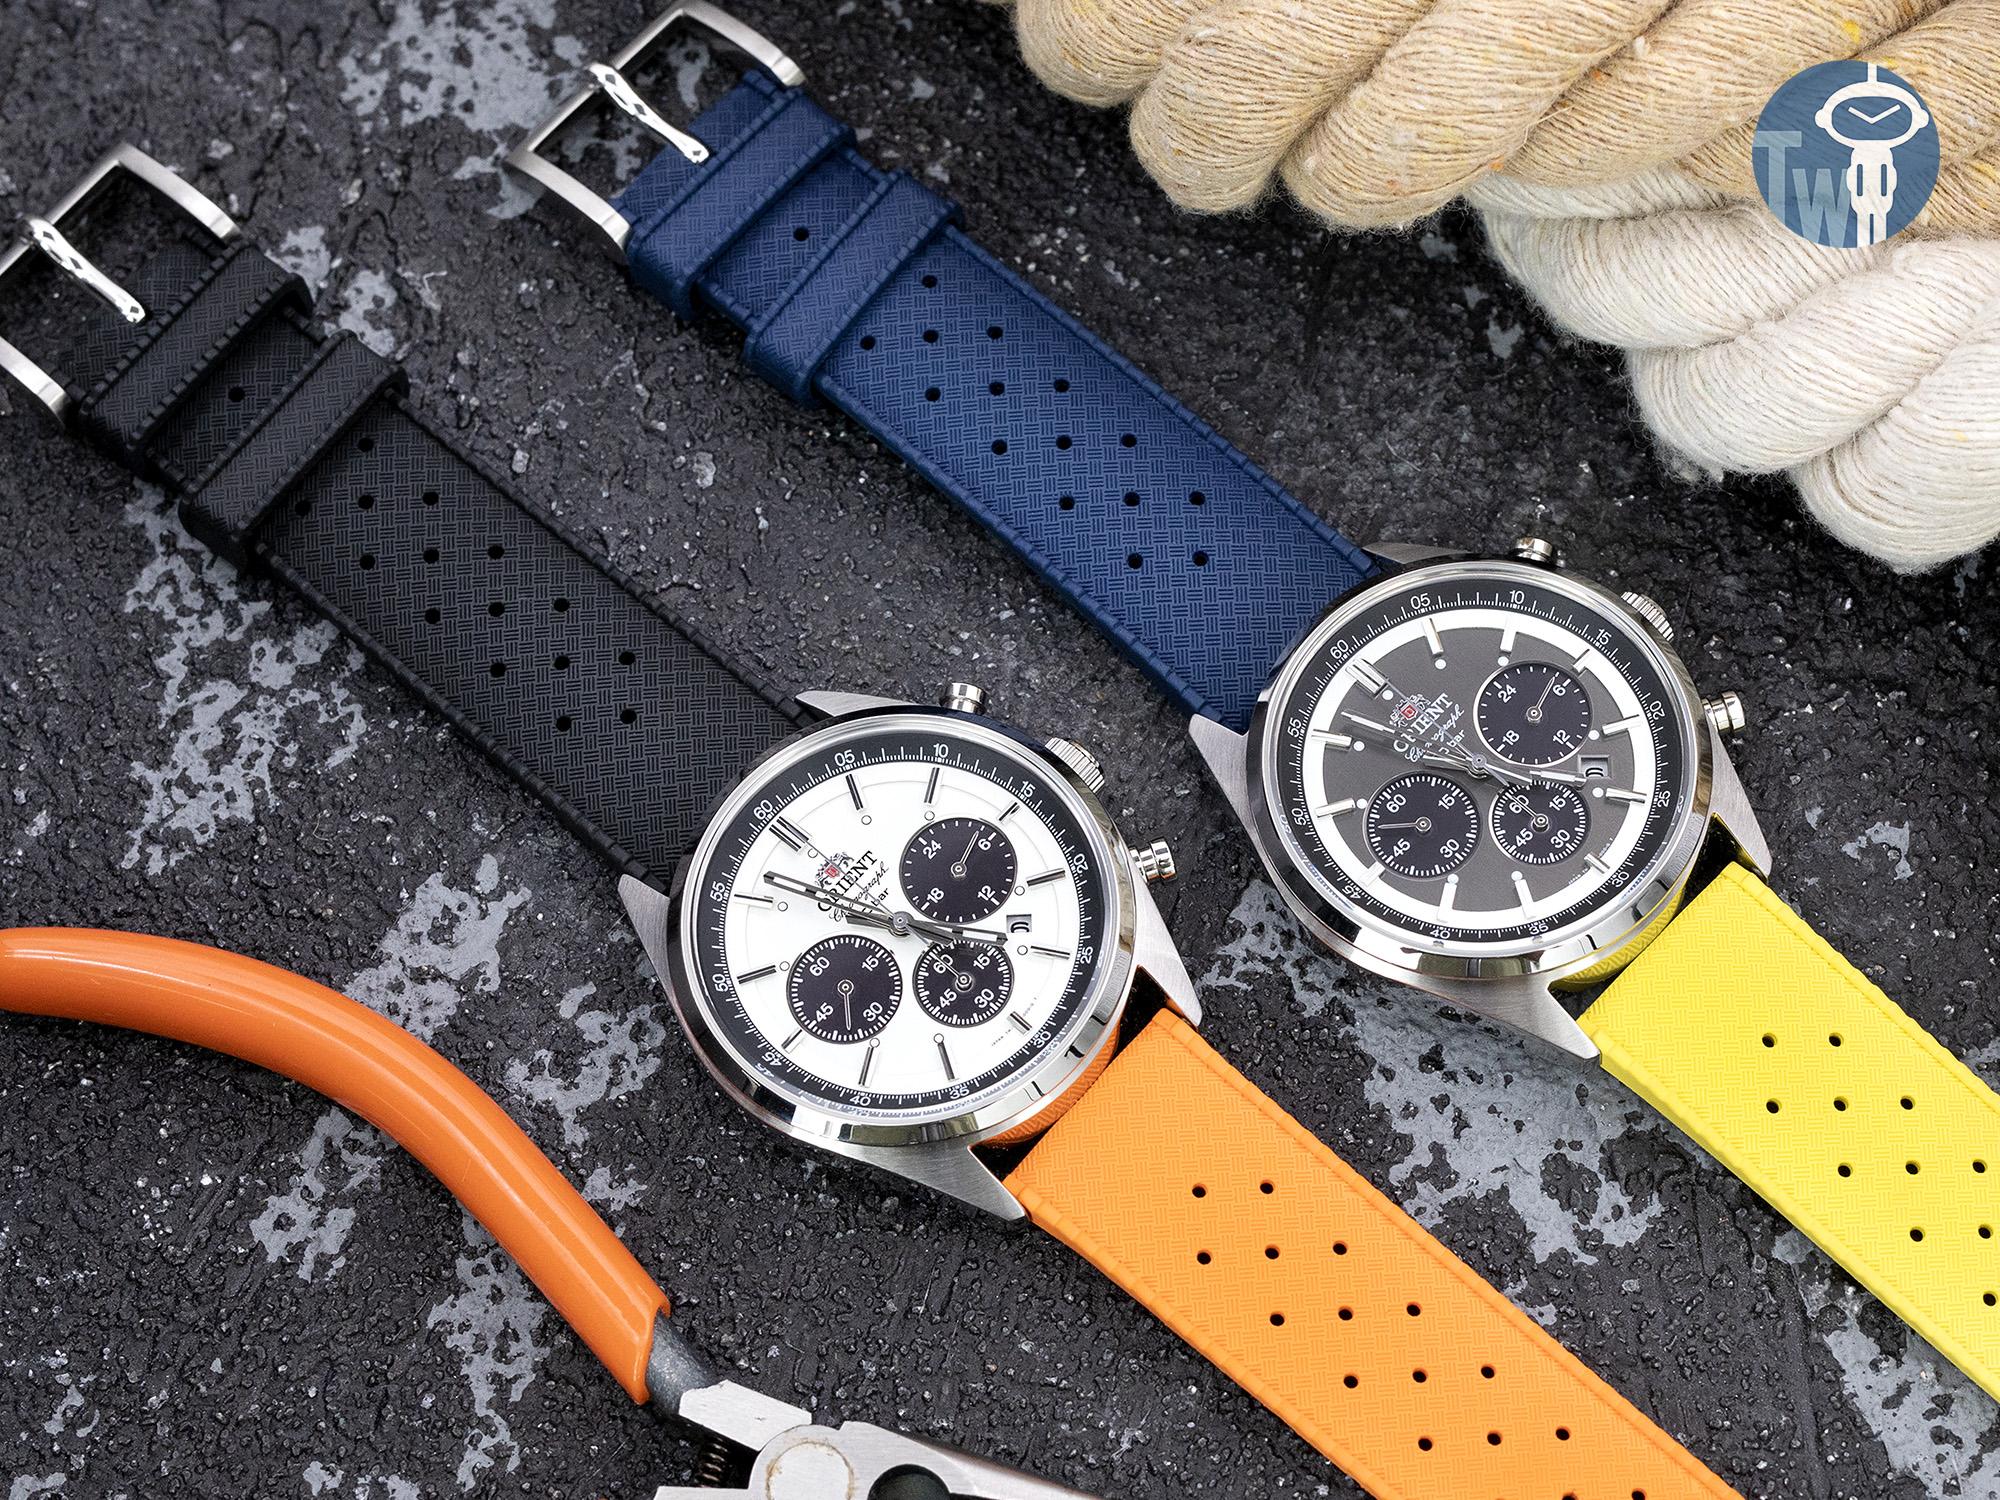 炎夏的潮流款式,Tropic Pro 熱帶橡膠快拆潛水款式錶帶